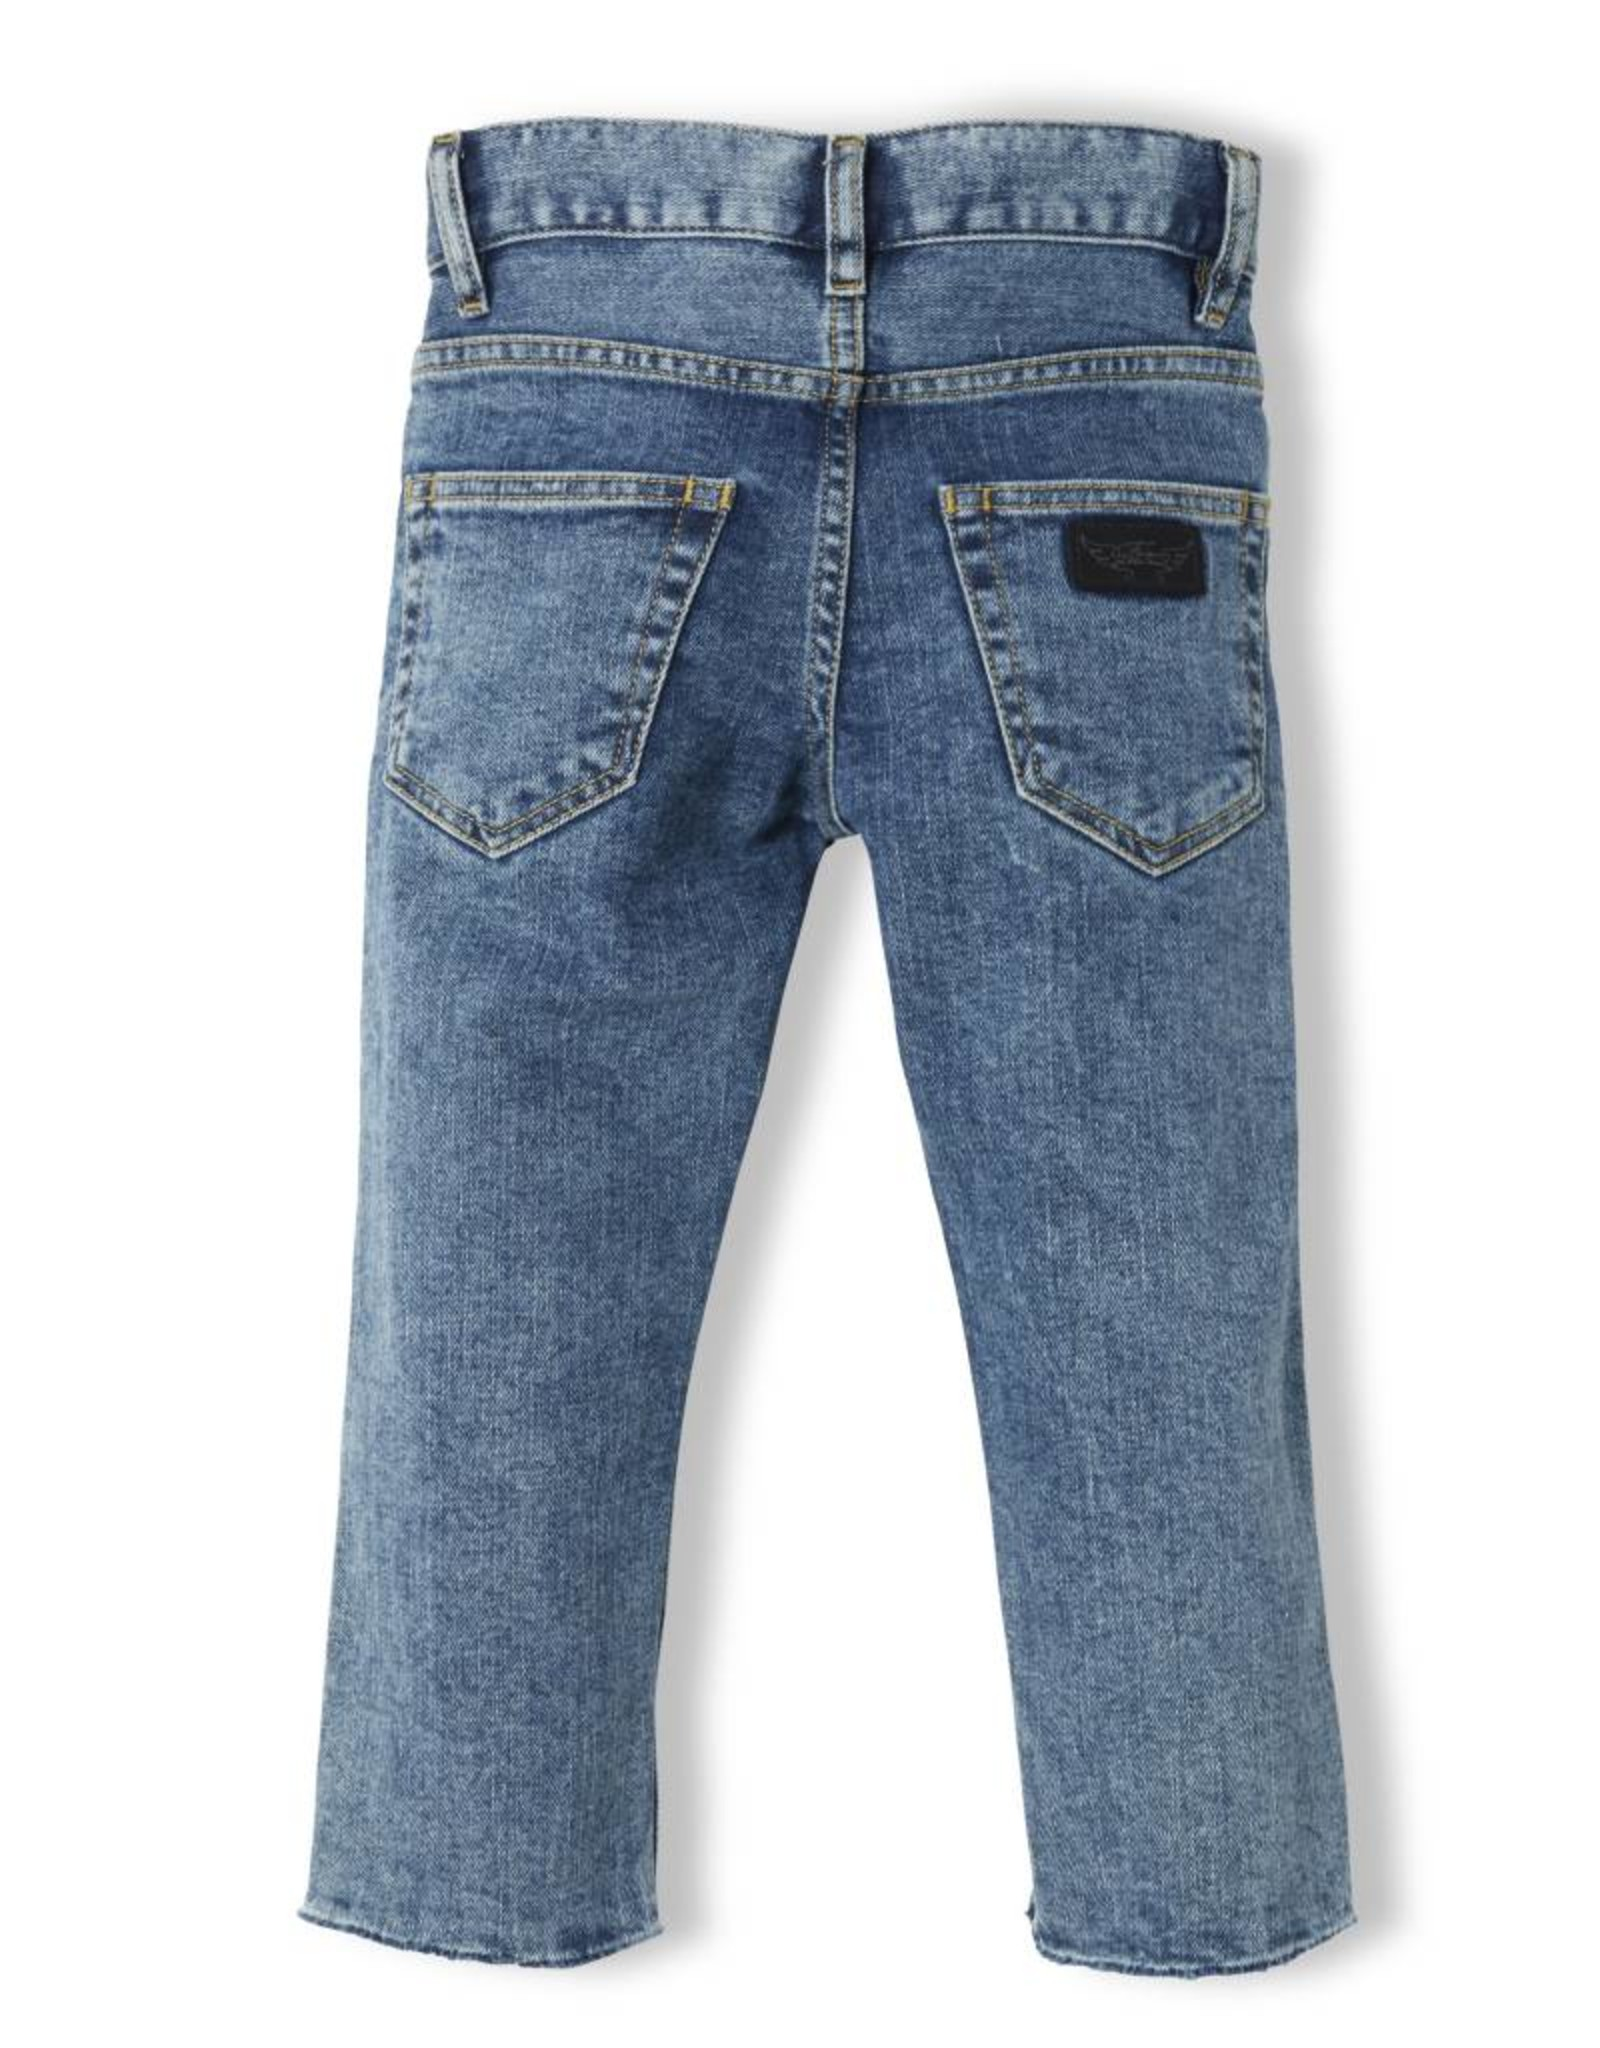 Vandetta jeans